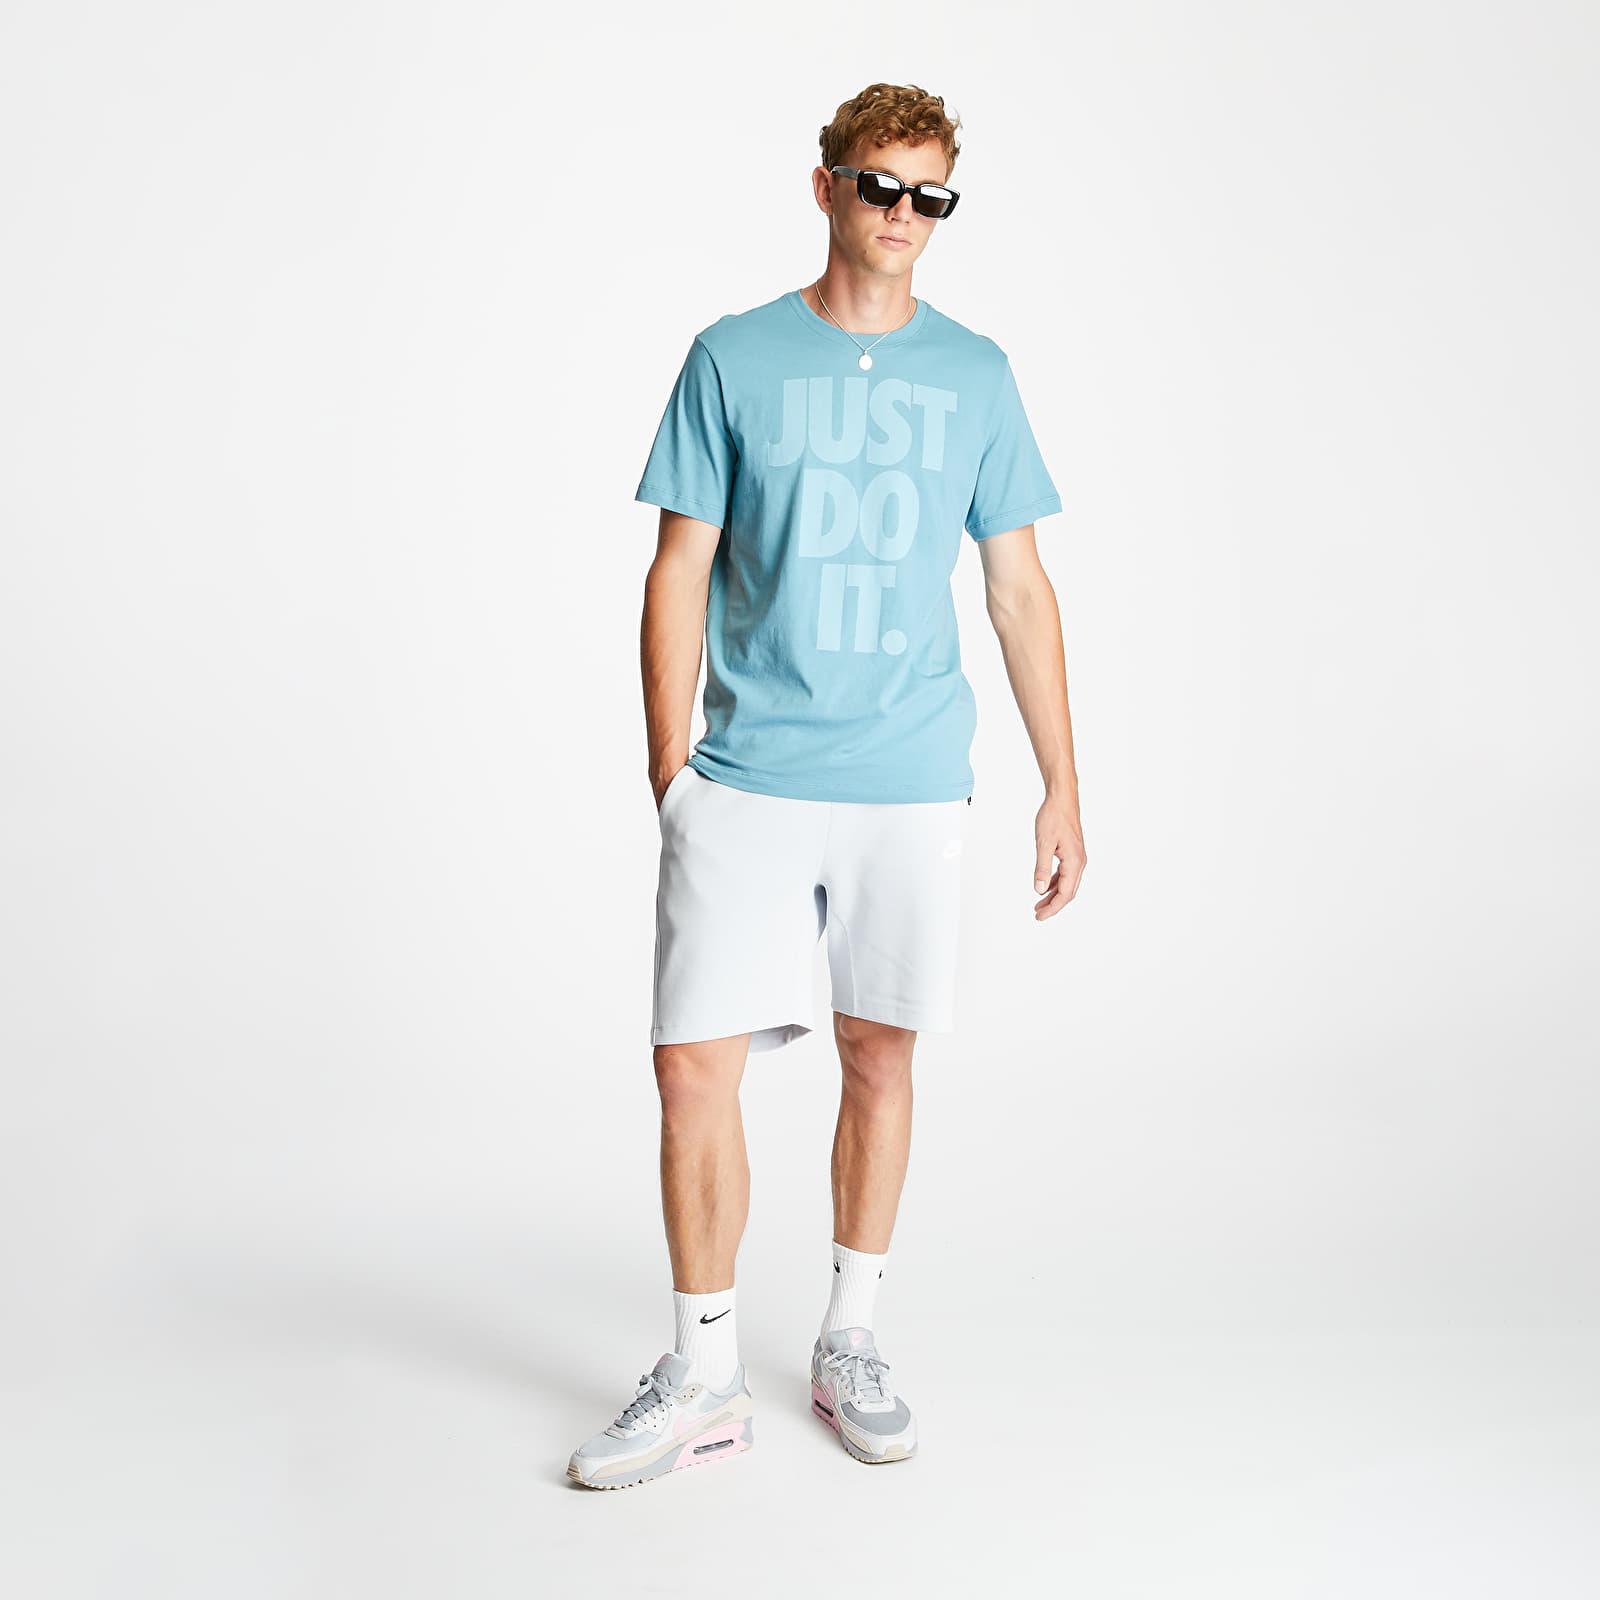 Nike Sportswear Just Do It Wash Tee Cerulean, Blue